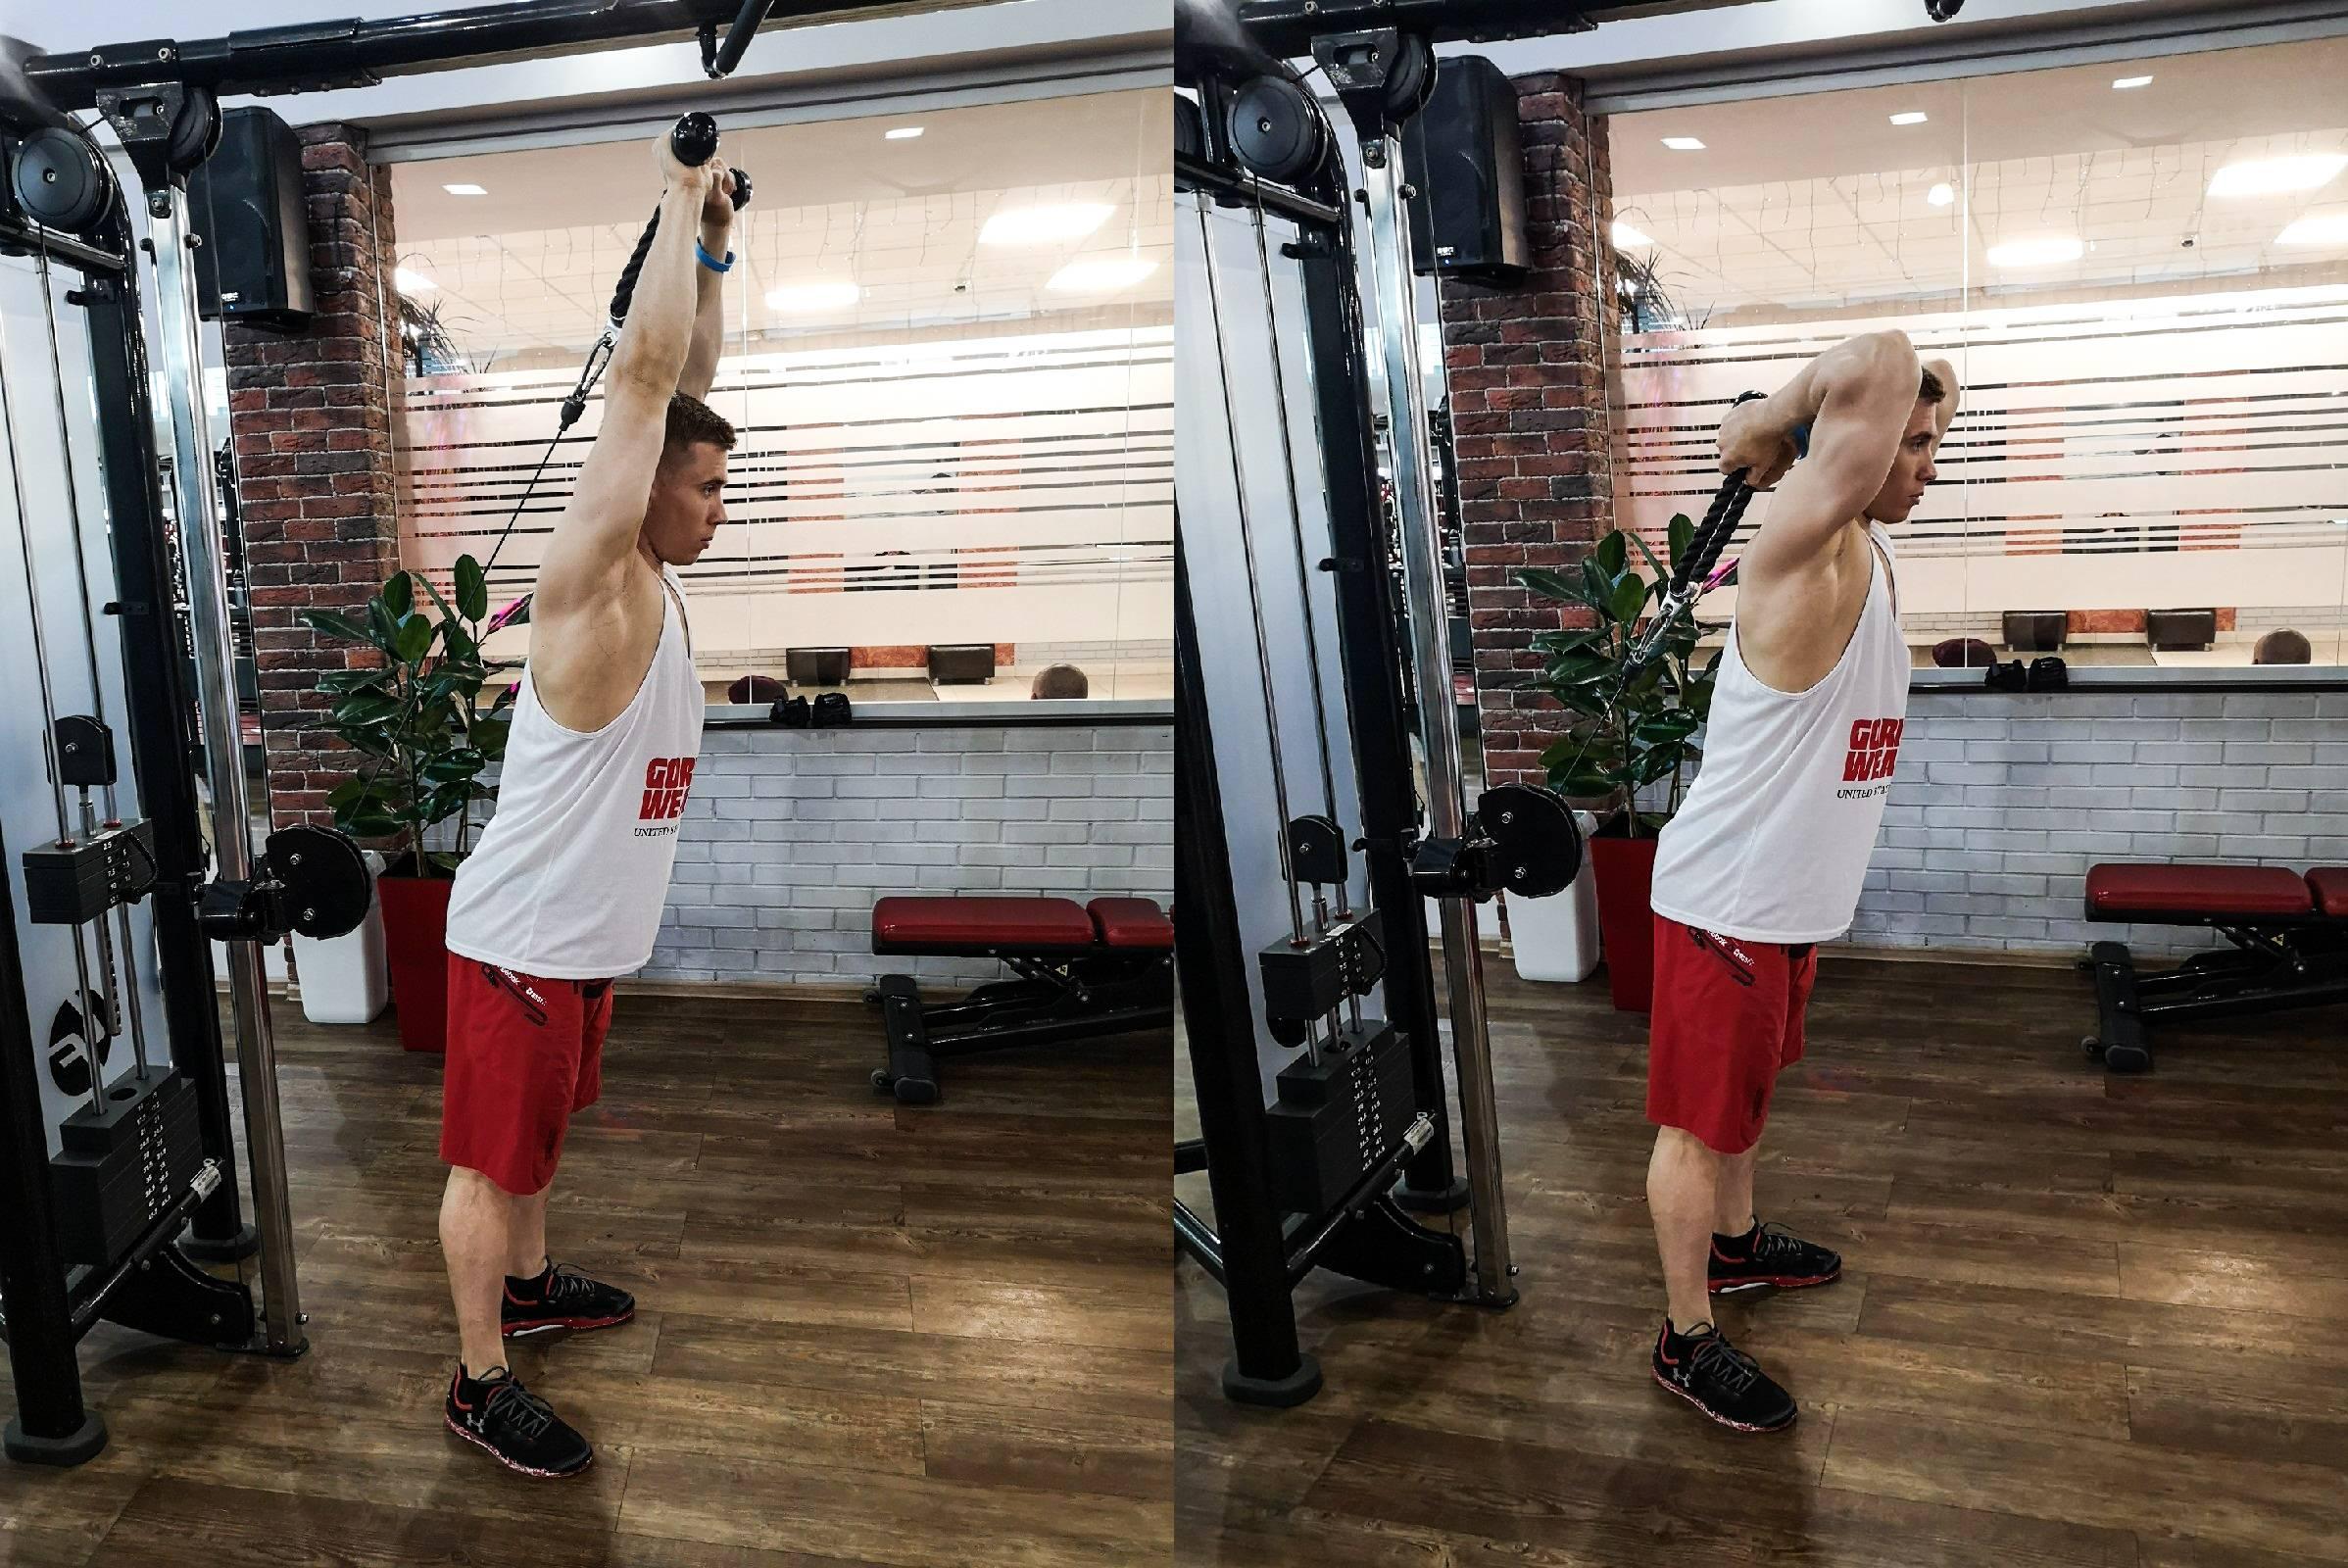 Разгибание рук на блоке (в кроссовере)! прекрасное упражнение для изолирующей проработки трицепса